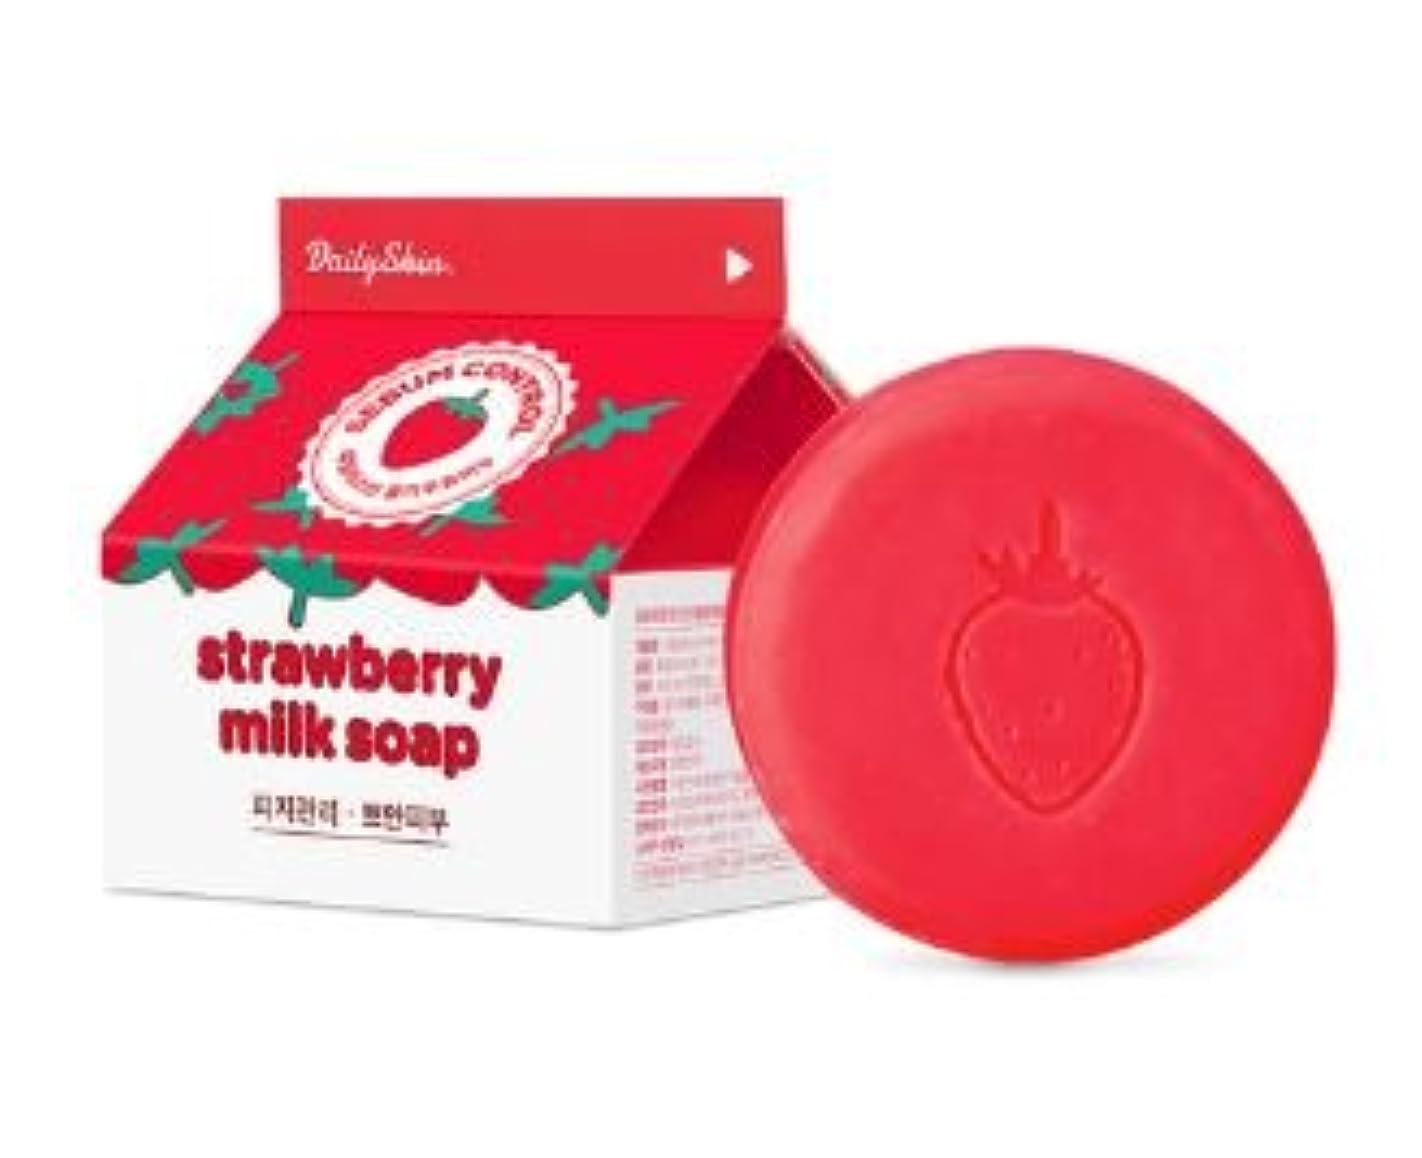 スキニー乳剤意味する[Renewal?] Daily Skin Strawberry Milk Soap 100g/デイリースキン ストロベリー ミルク ソープ 100g [並行輸入品]